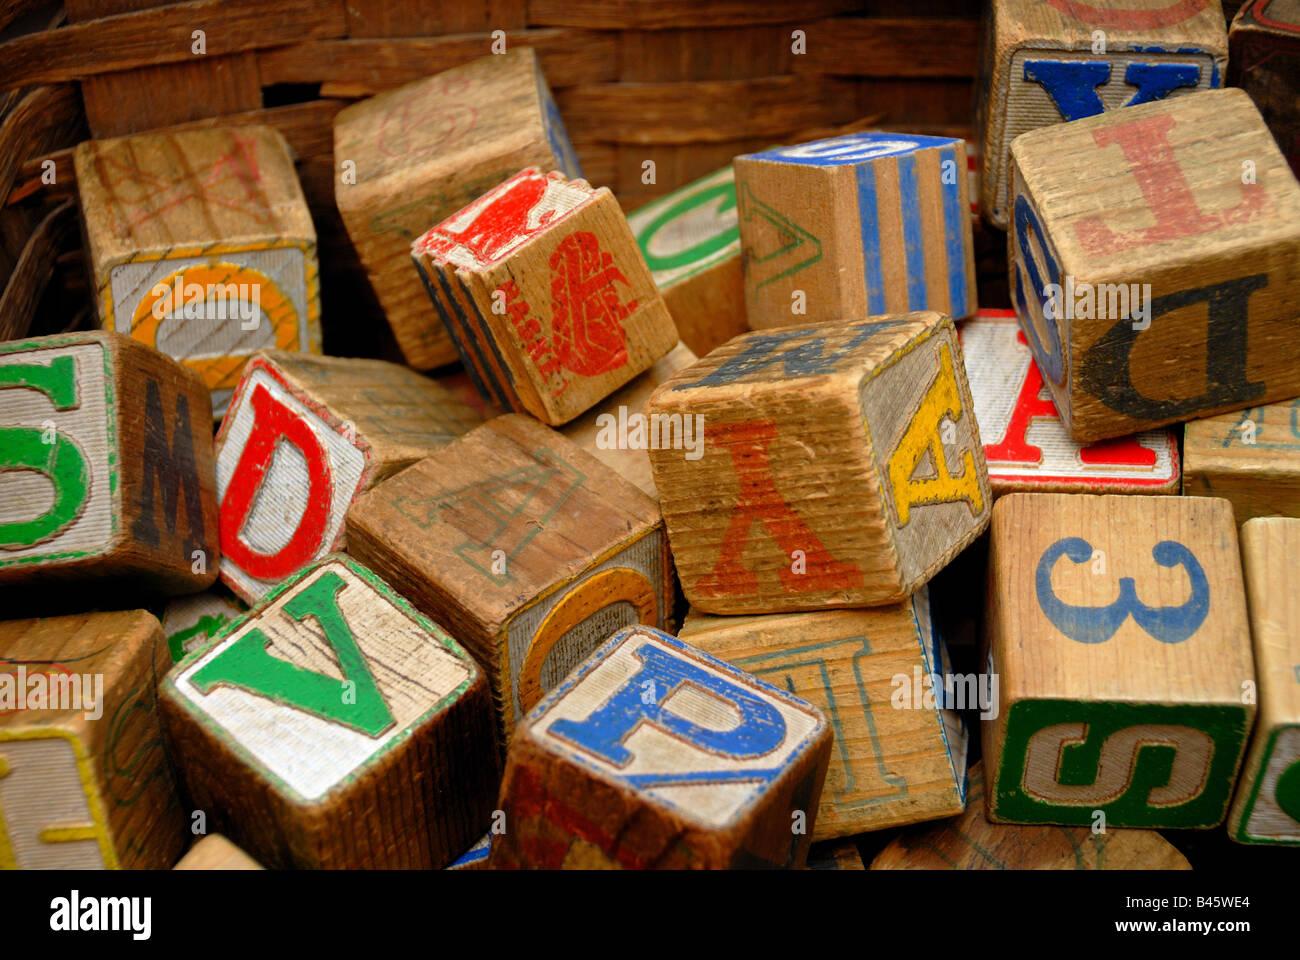 Vintage Holzblöcke mit bunten Buchstaben und Nummern drauf, in einem Antiquitätengeschäft. Stockbild